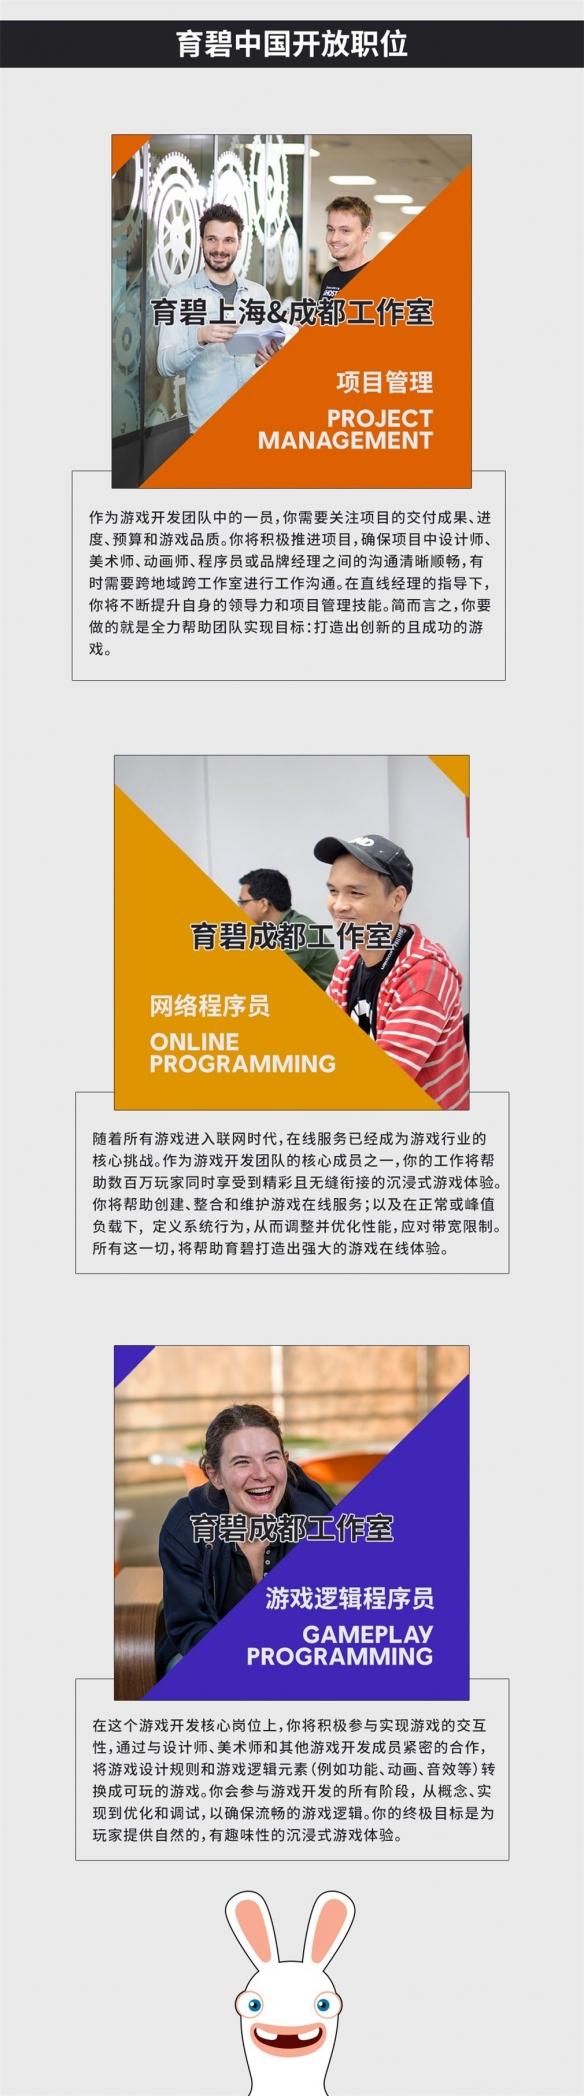 育碧中国工作室:应届毕业生人才招募计划启动!